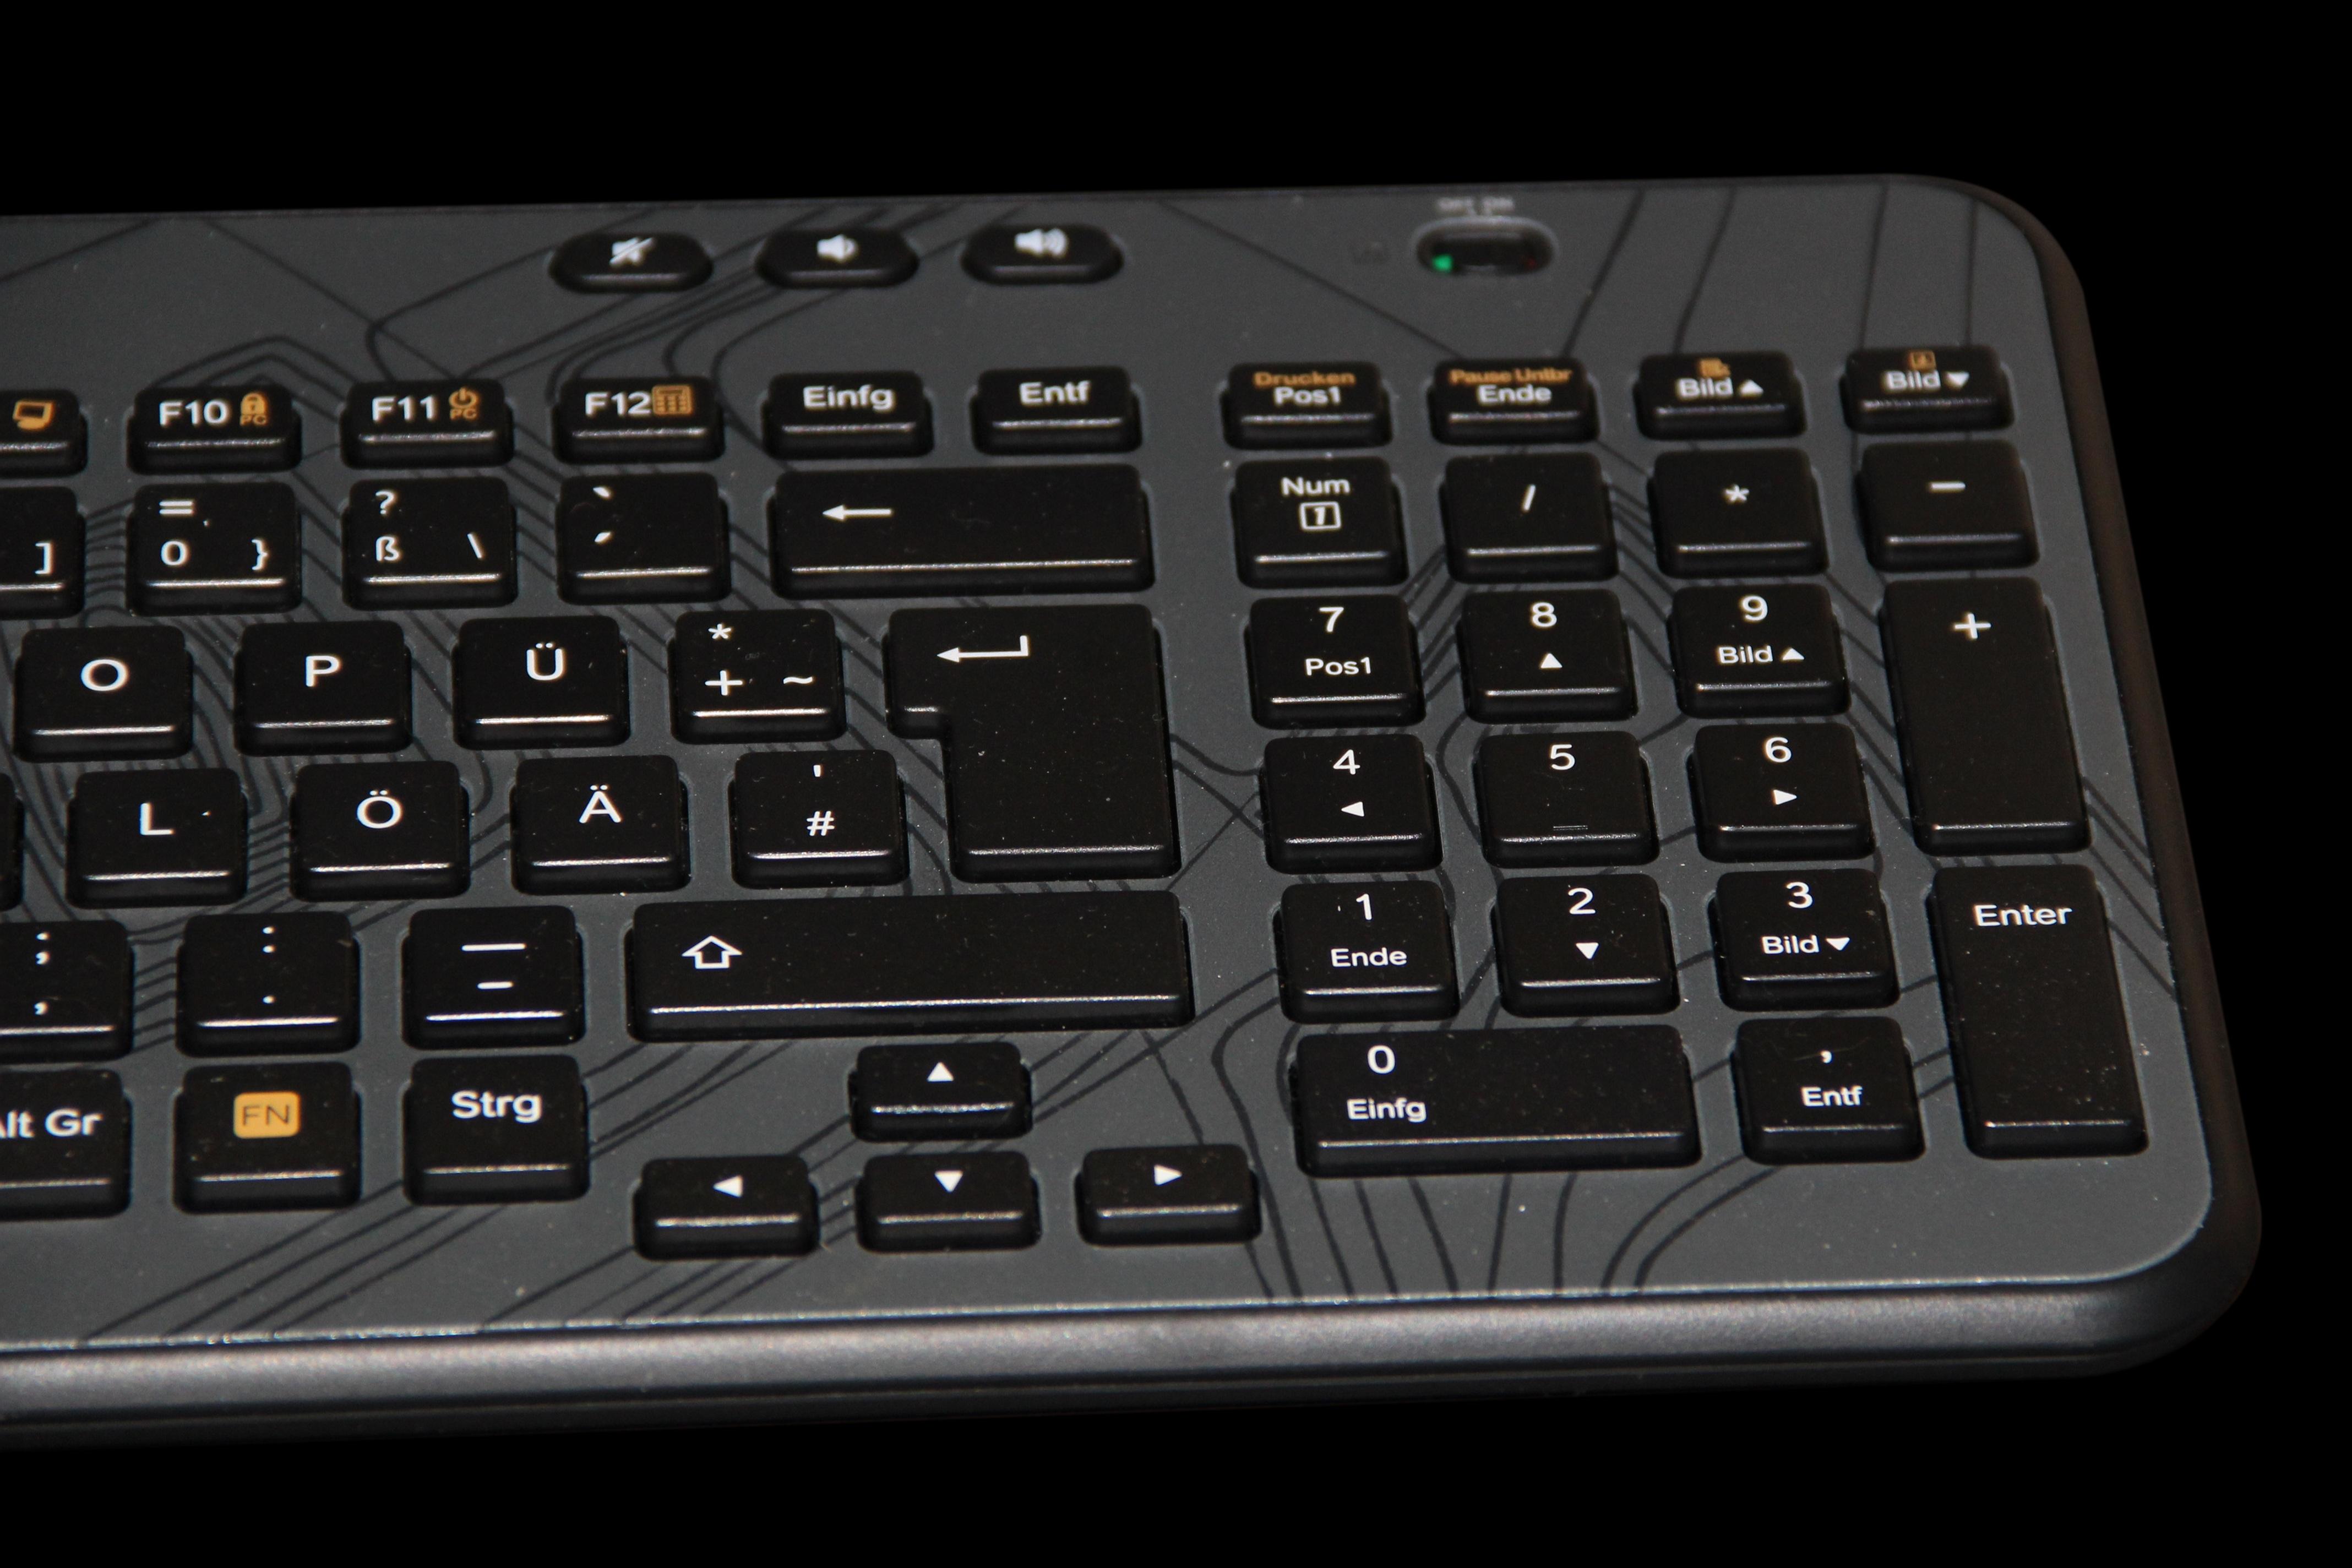 Gambar Laptop Teknologi Fon Kunci Kunci Huruf Perangkat Keras